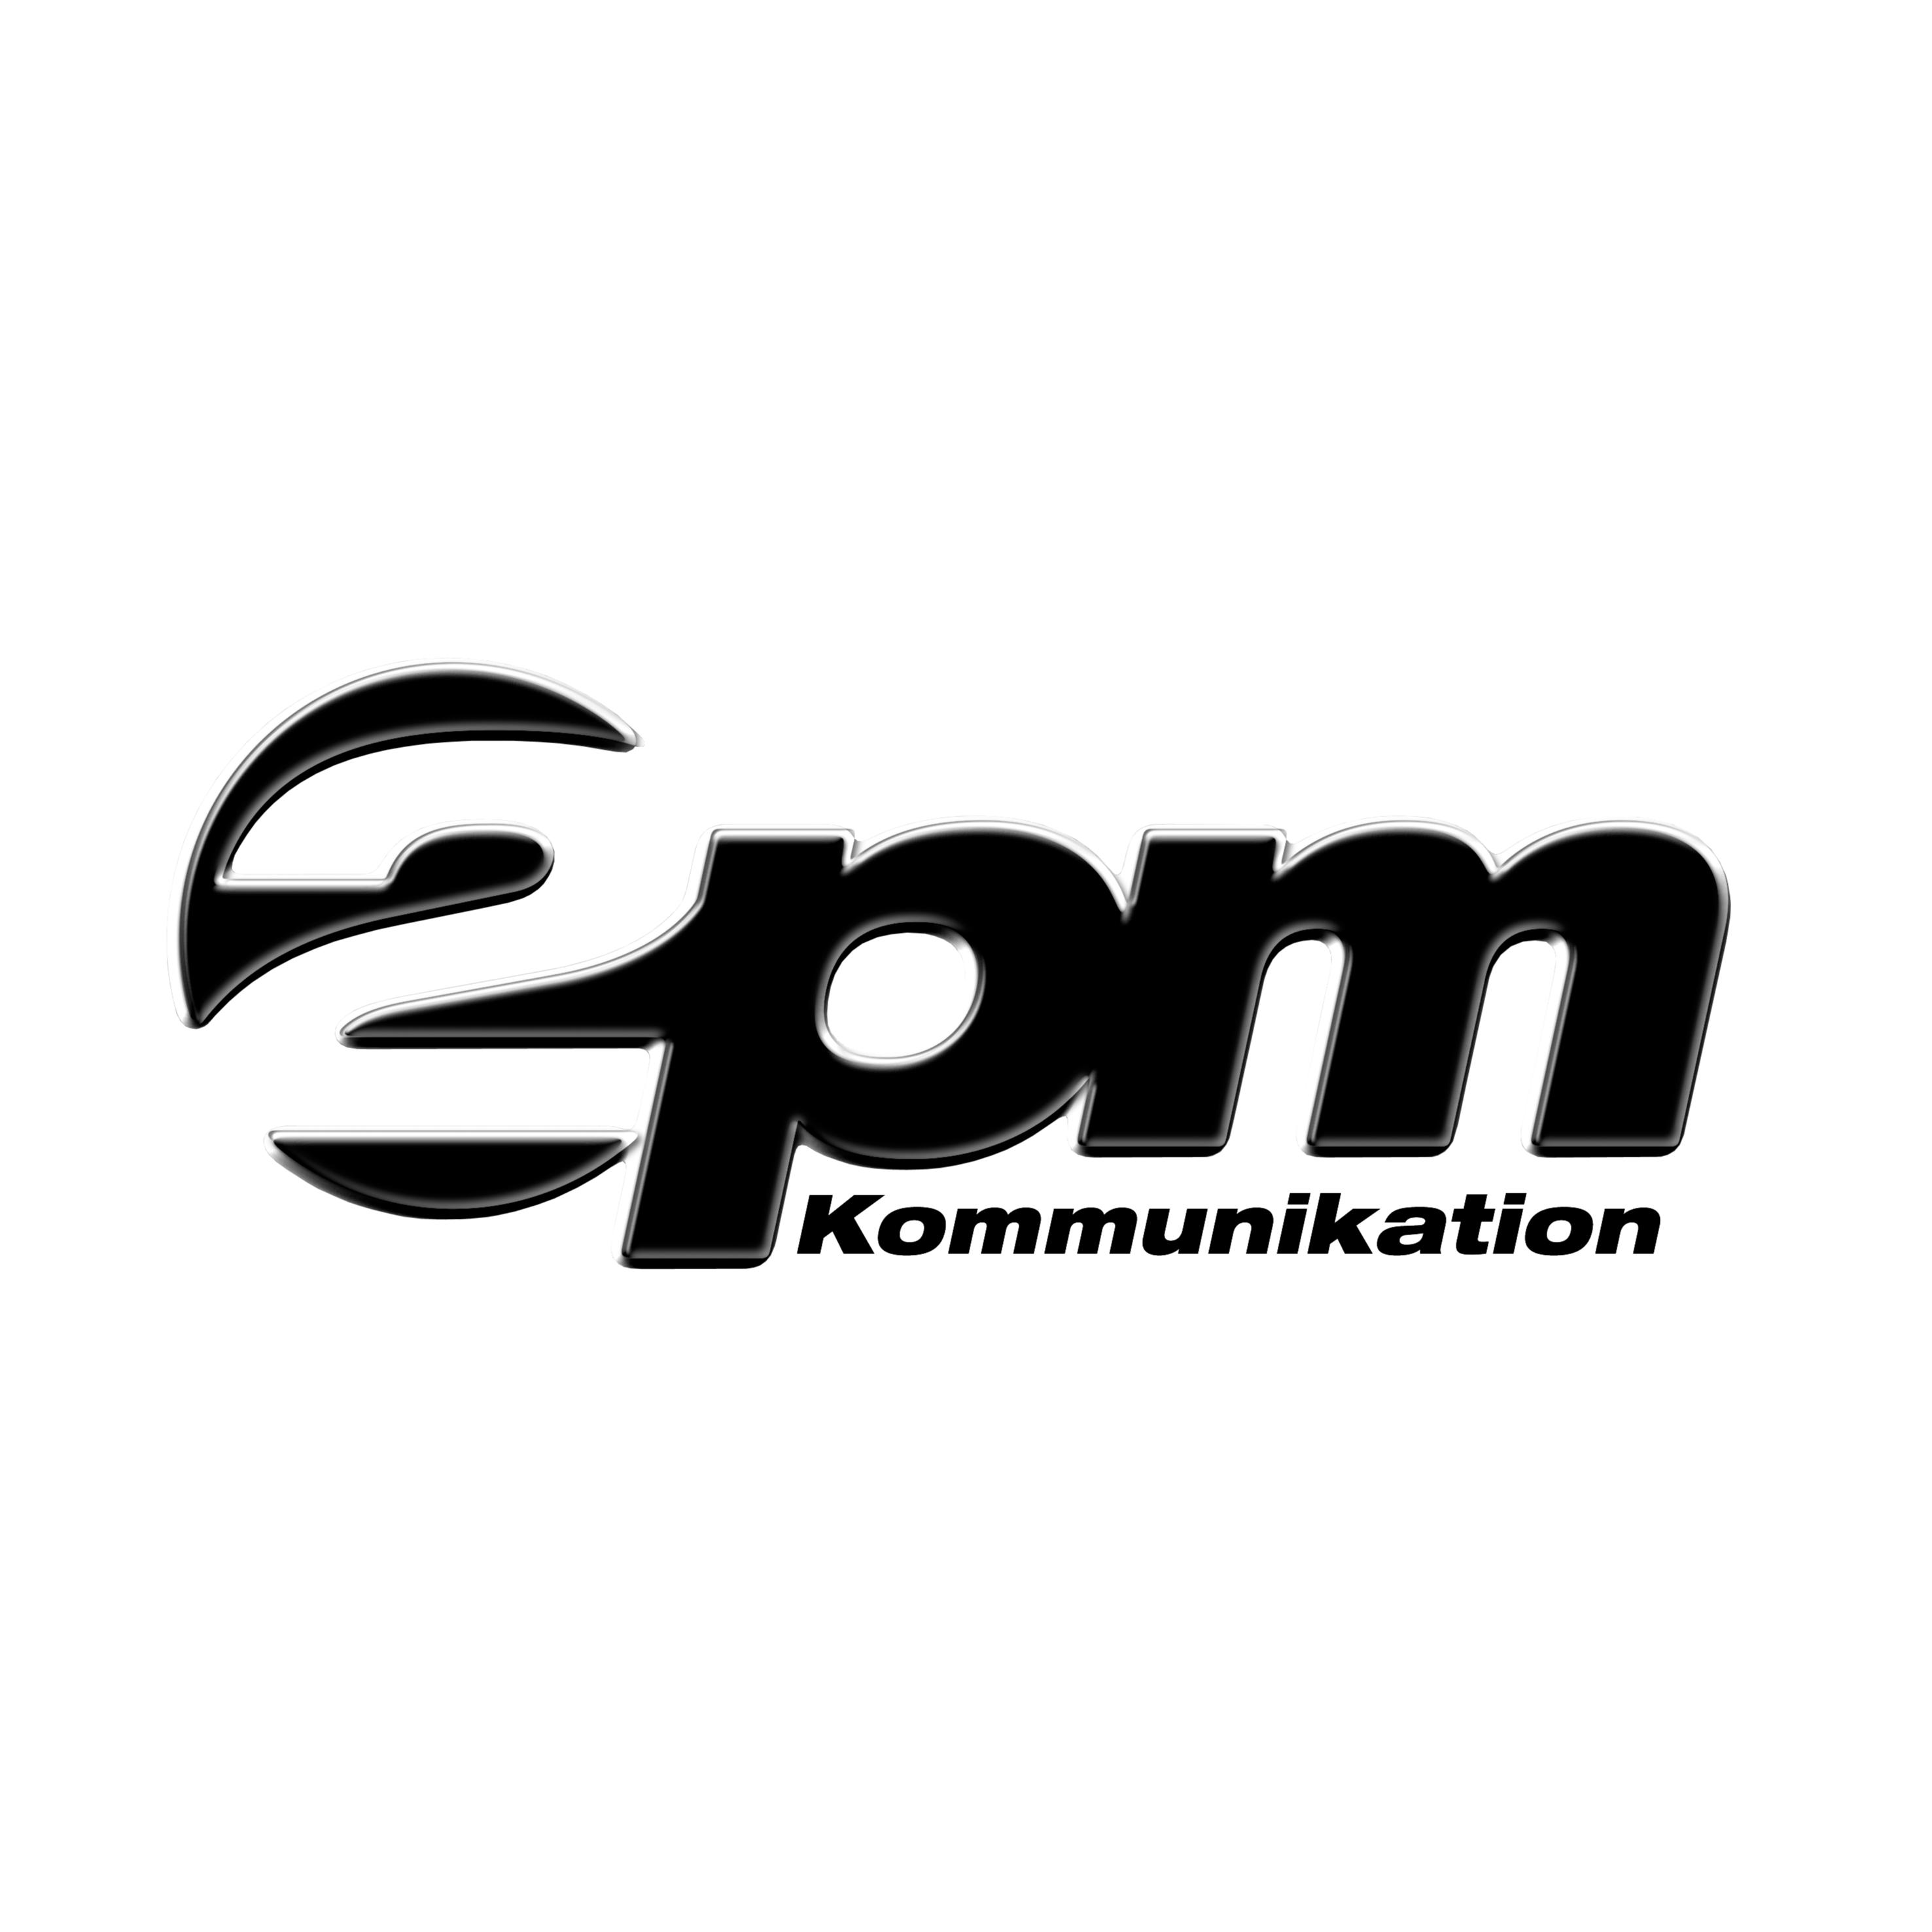 2pm Kommunikation GmbH